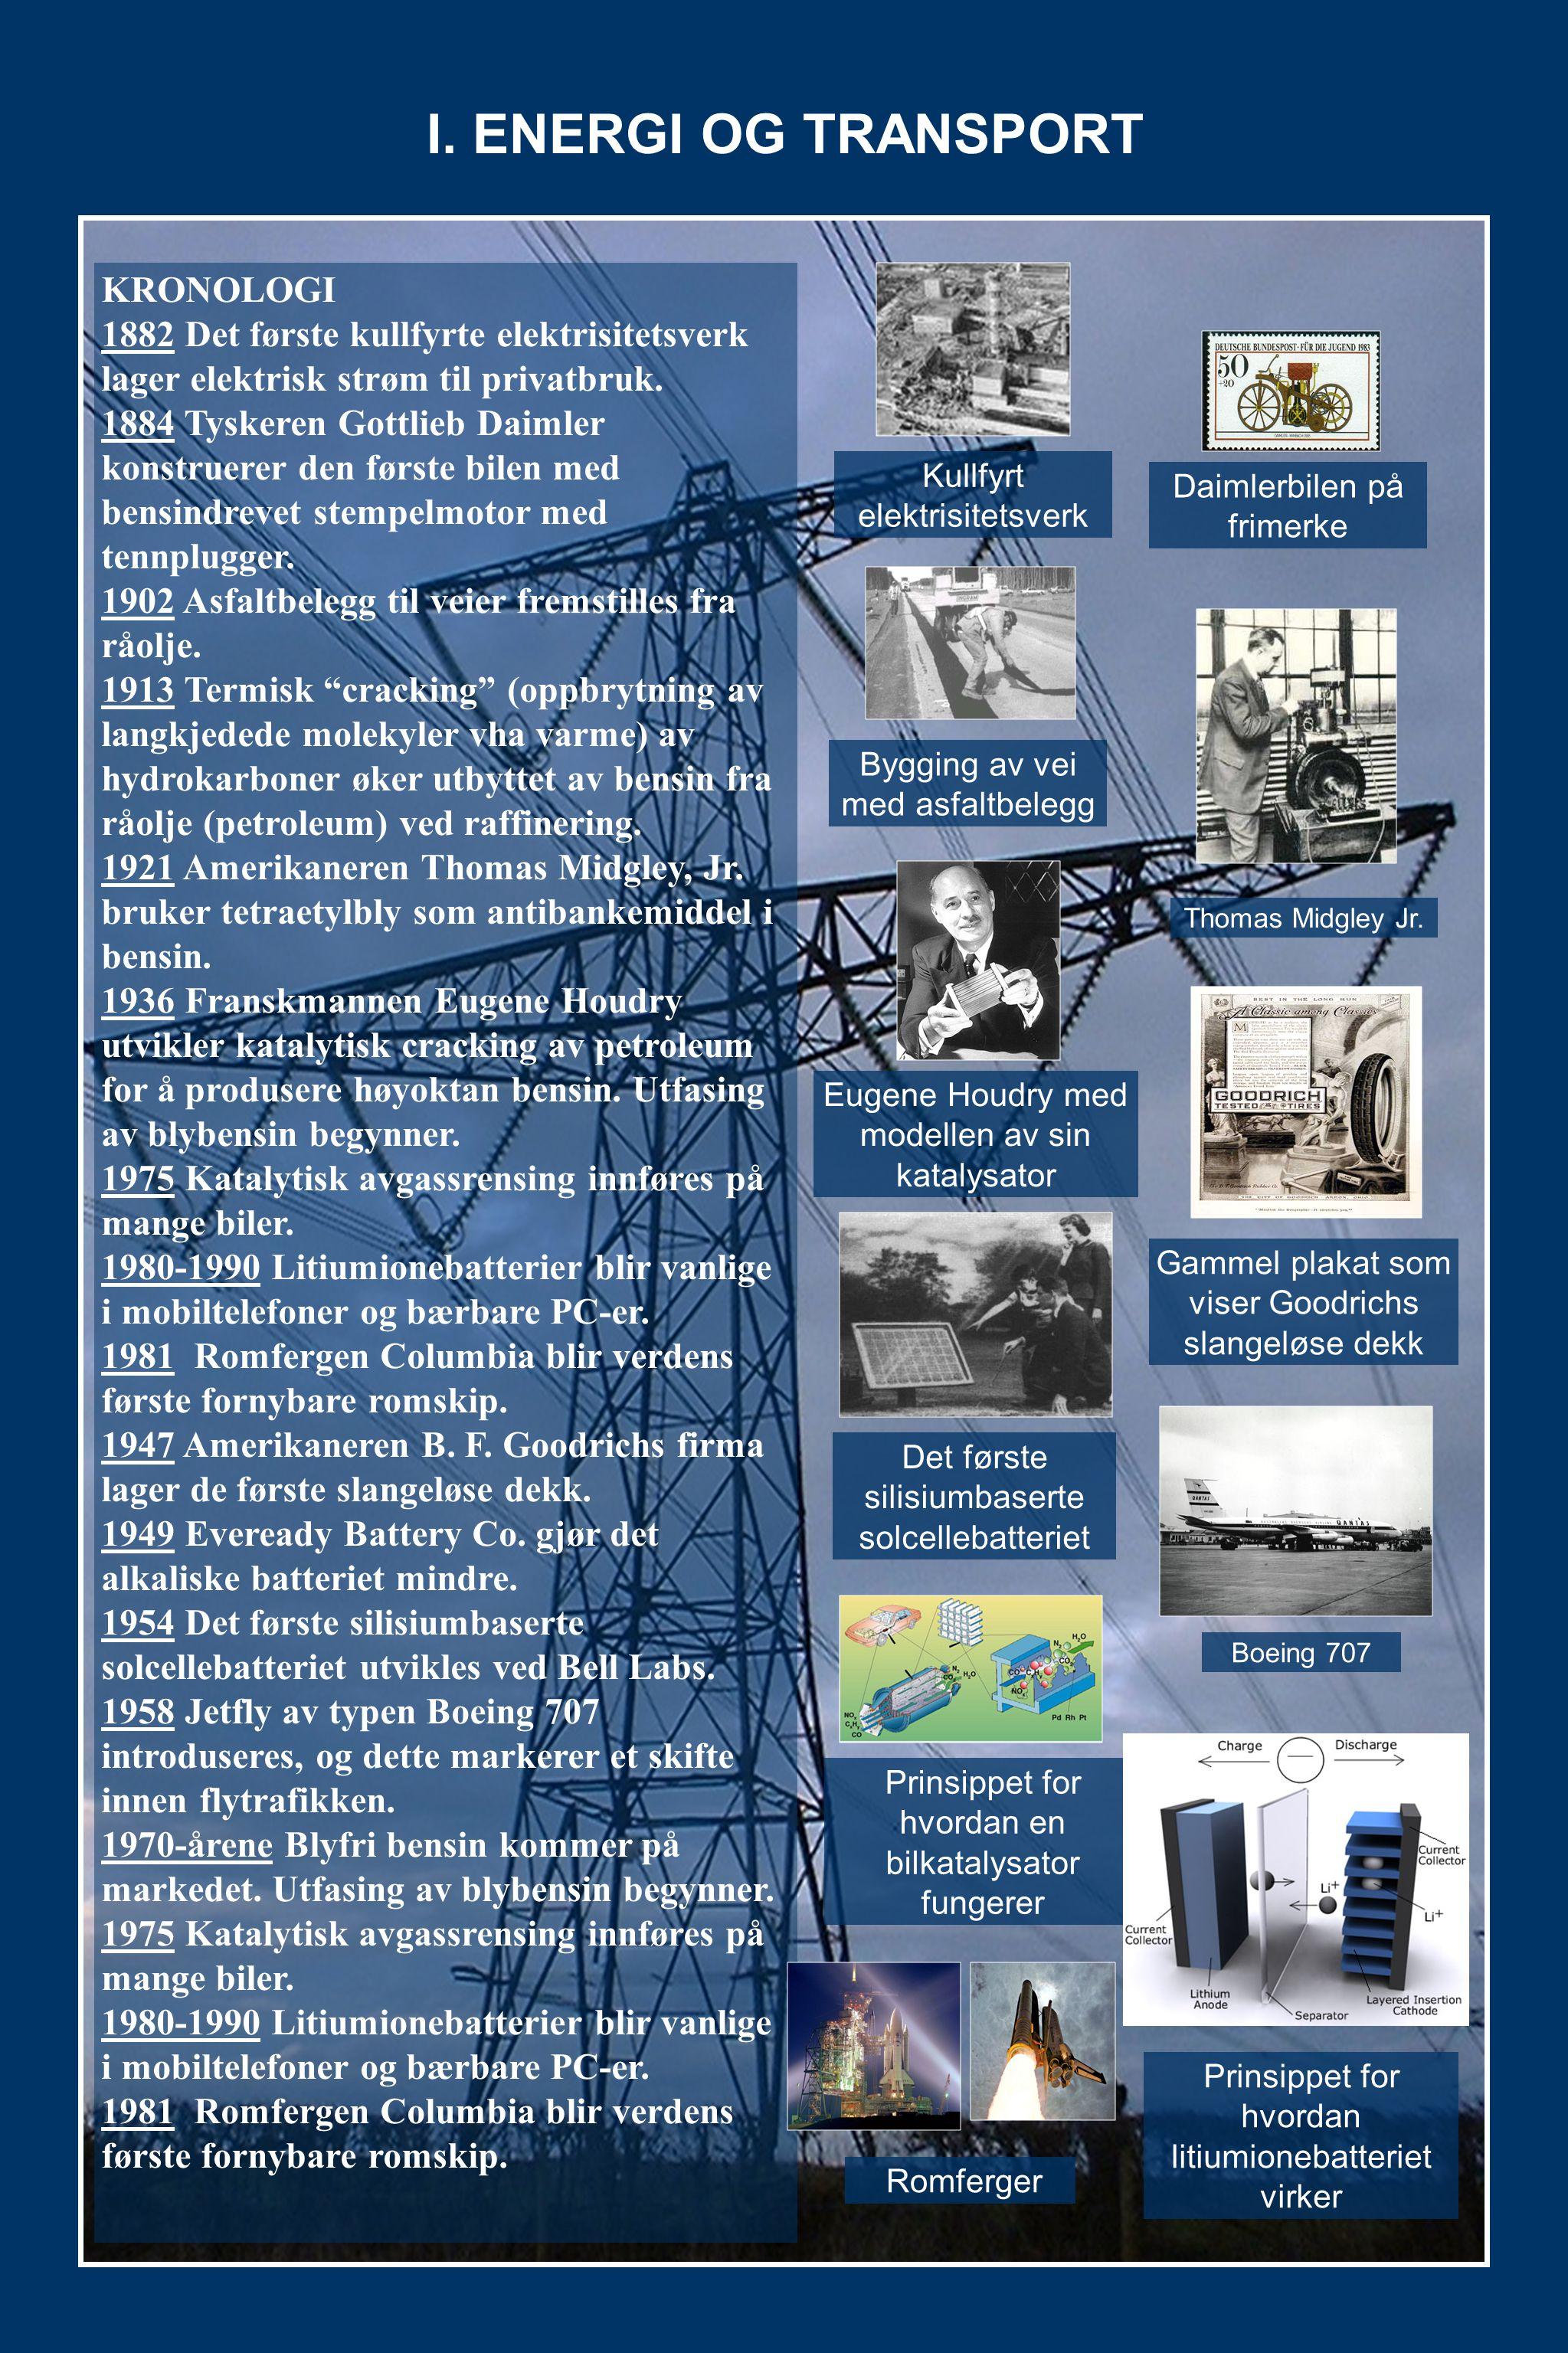 KRONOLOGI 1882 Det første kullfyrte elektrisitetsverk lager elektrisk strøm til privatbruk.